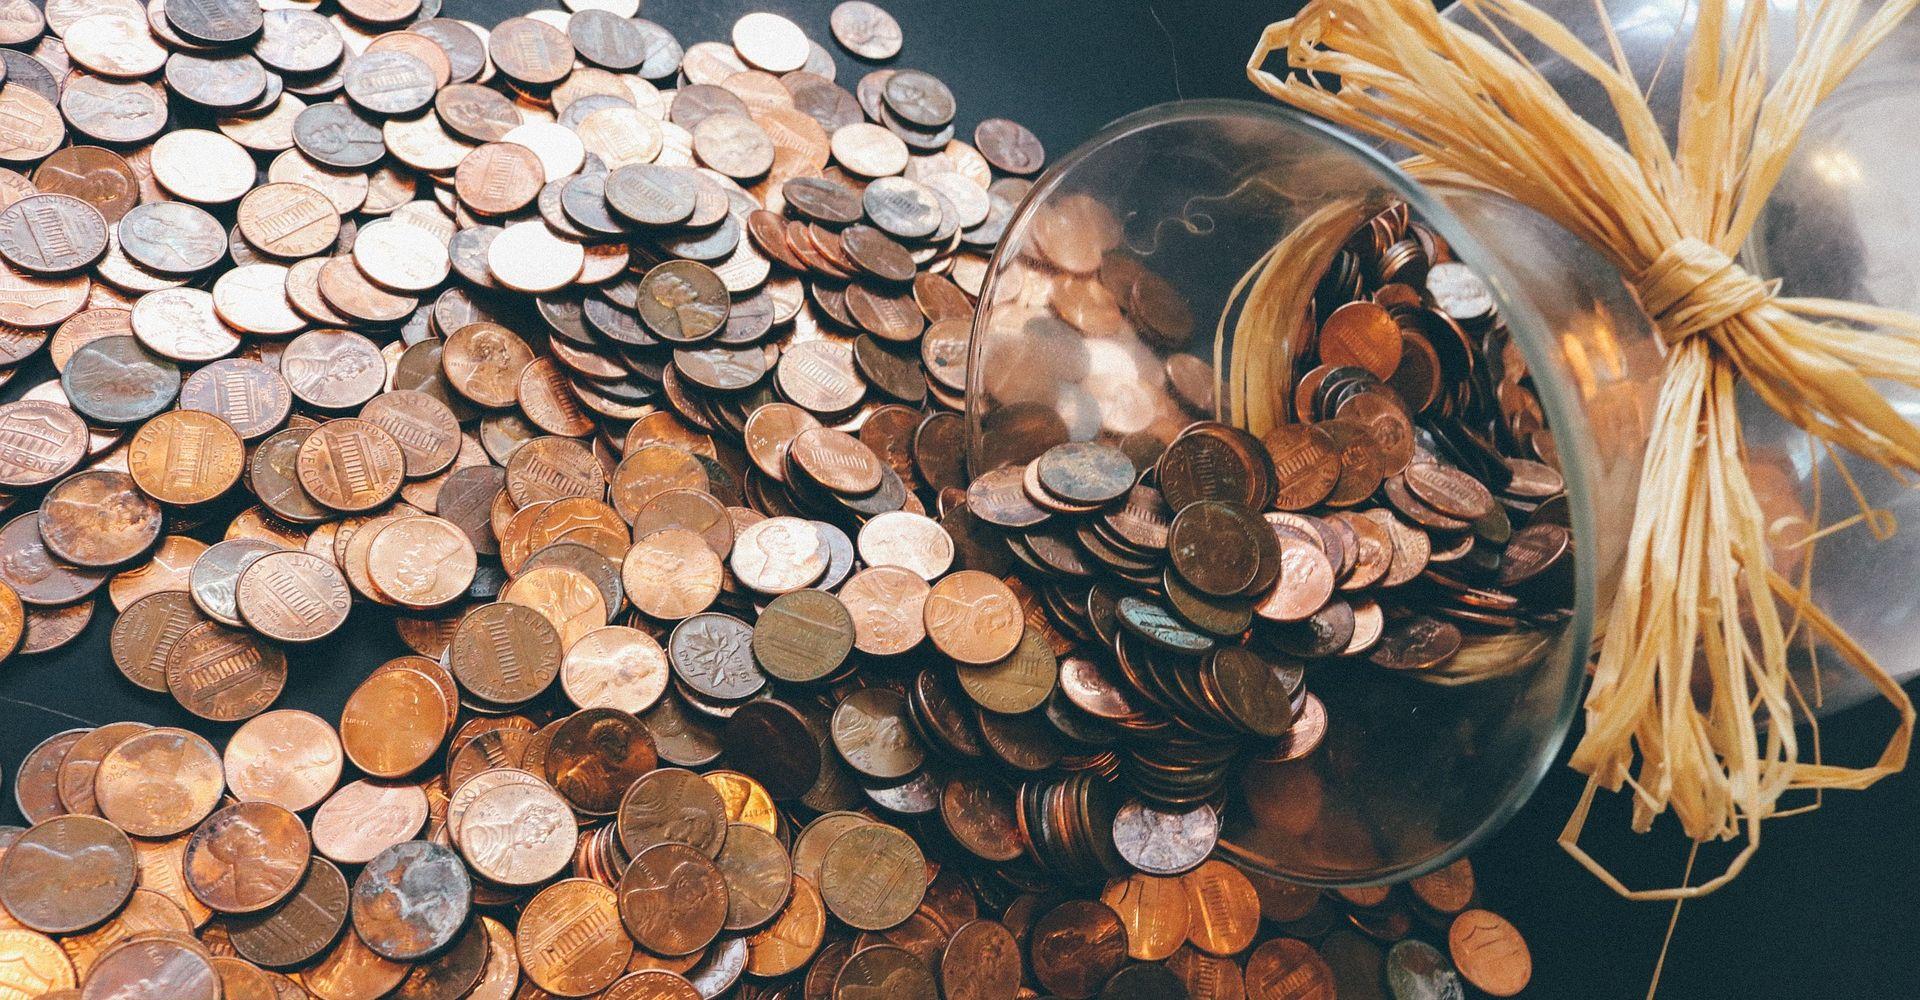 Bivšoj supruzi isplatio alimentaciju od 79.500 kuna – u kovanicama